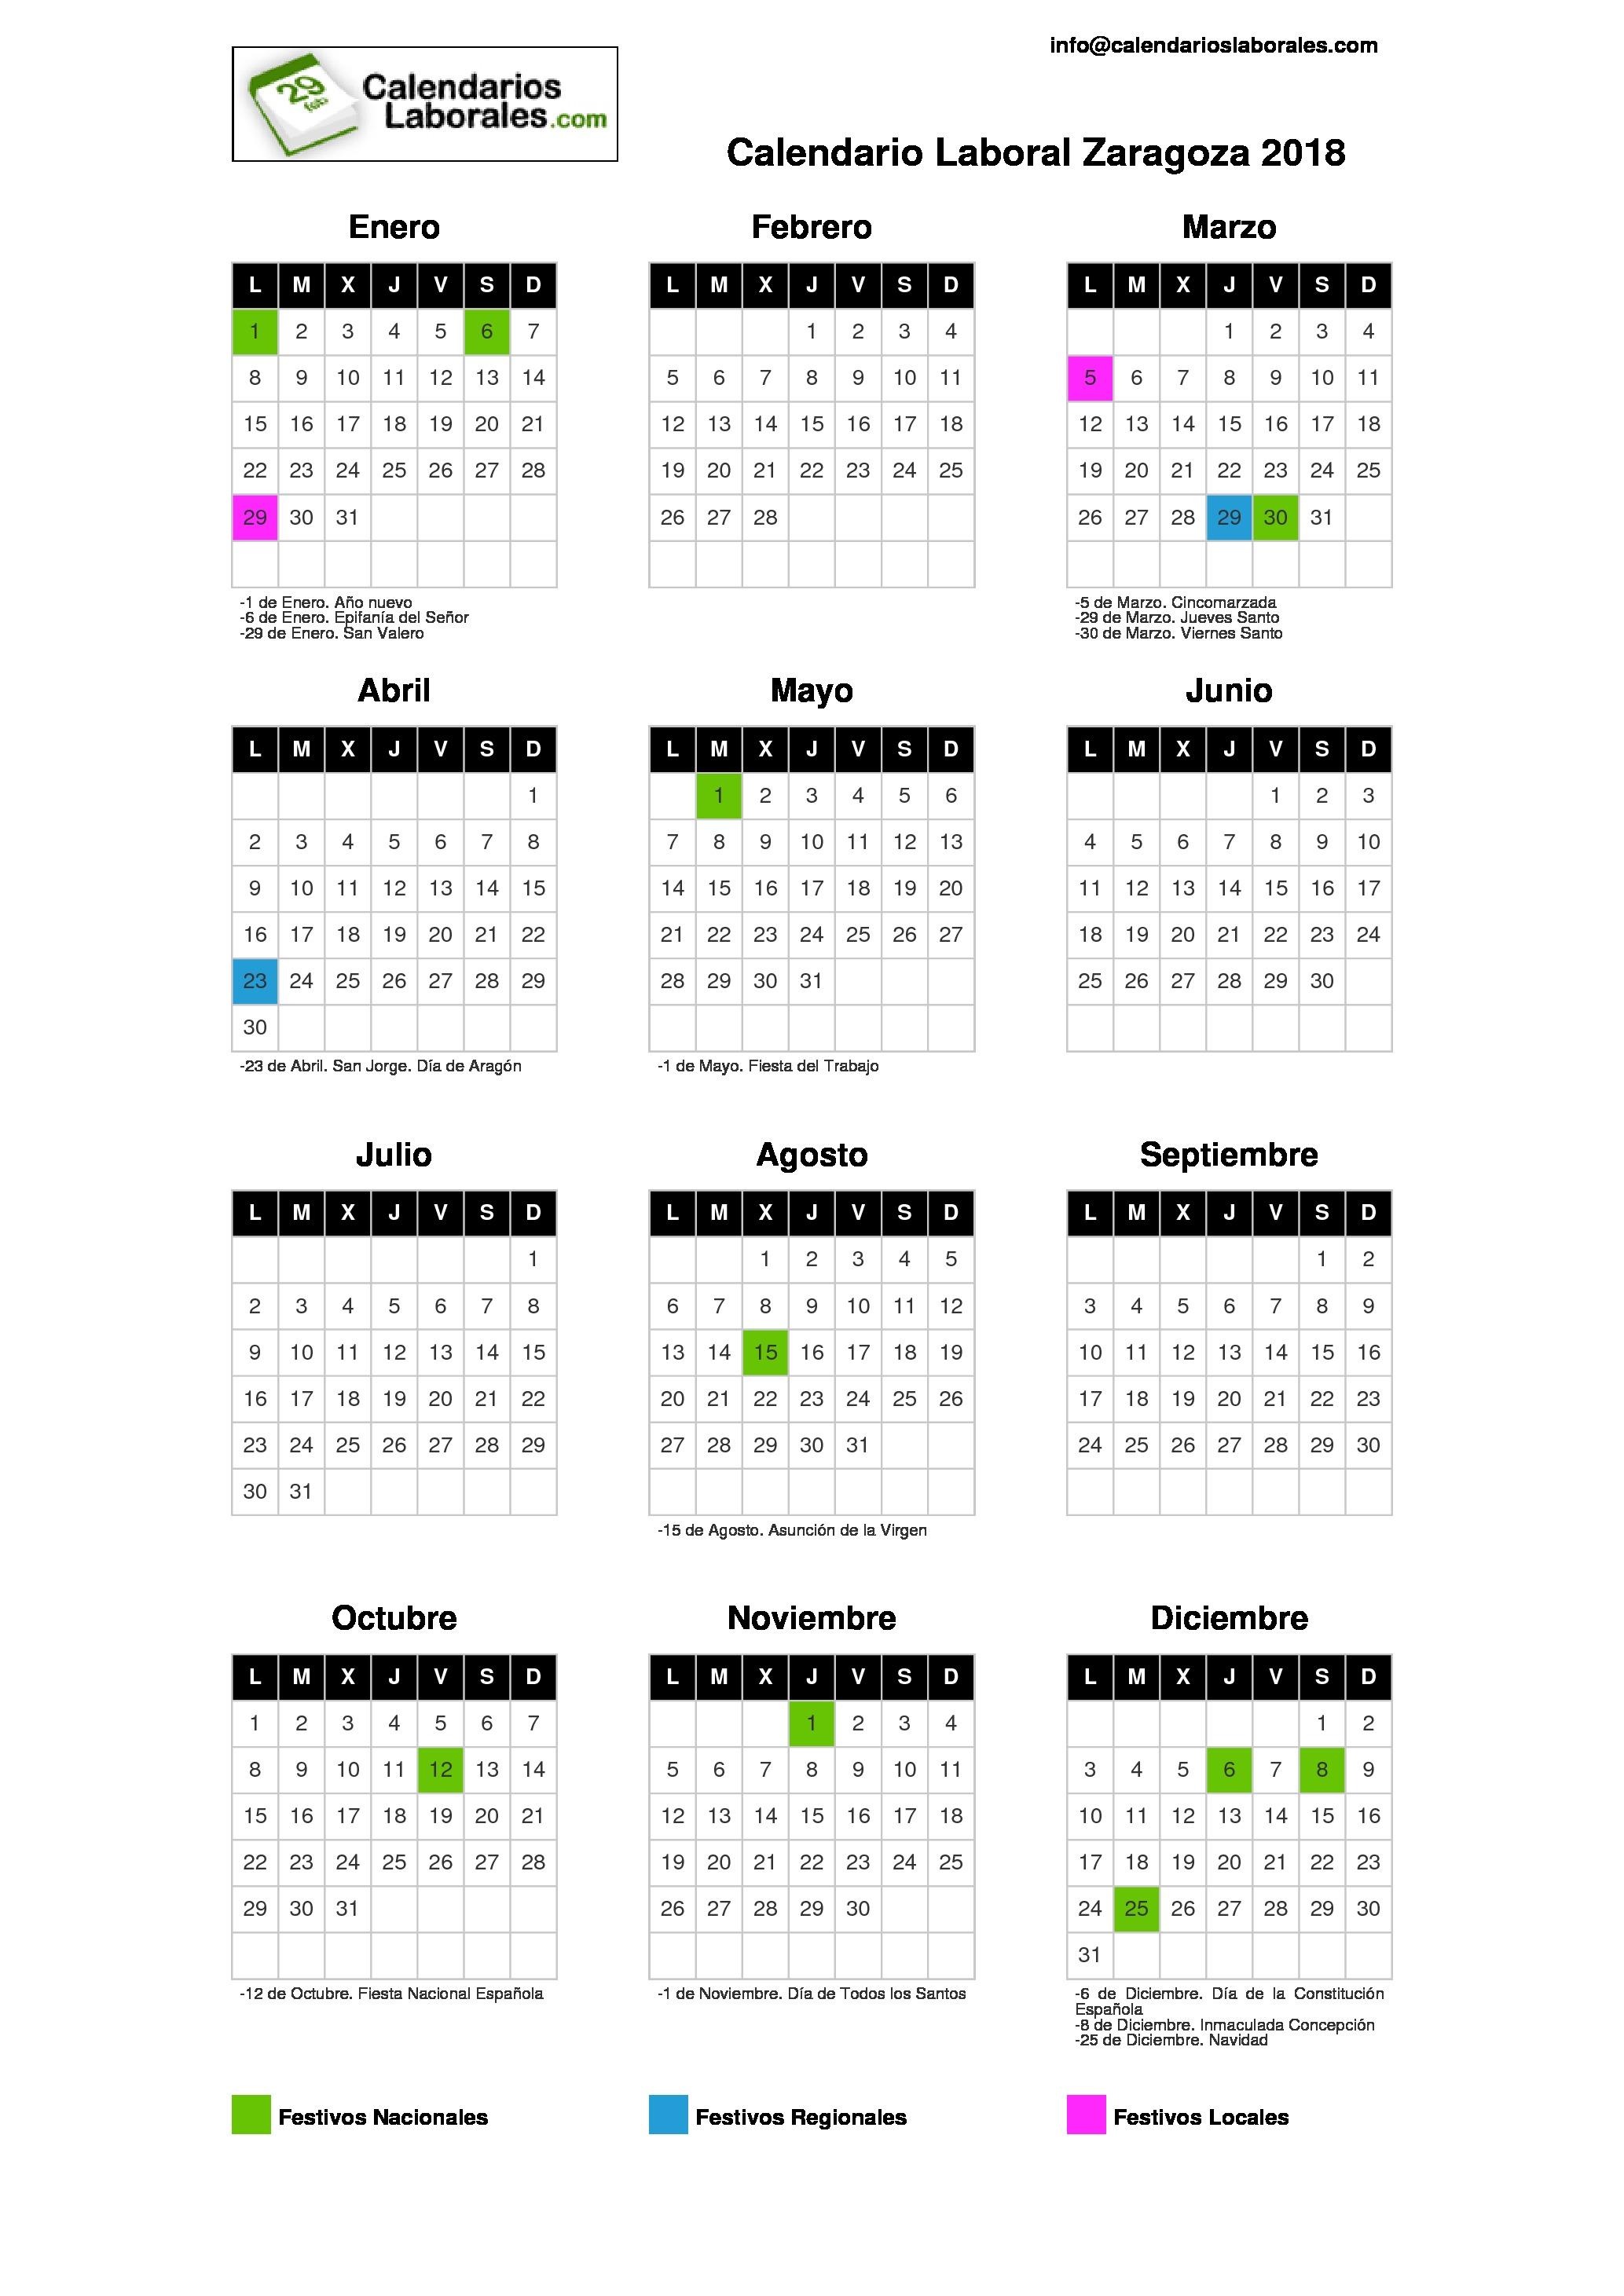 Calendario Laboral 2018 Murcia